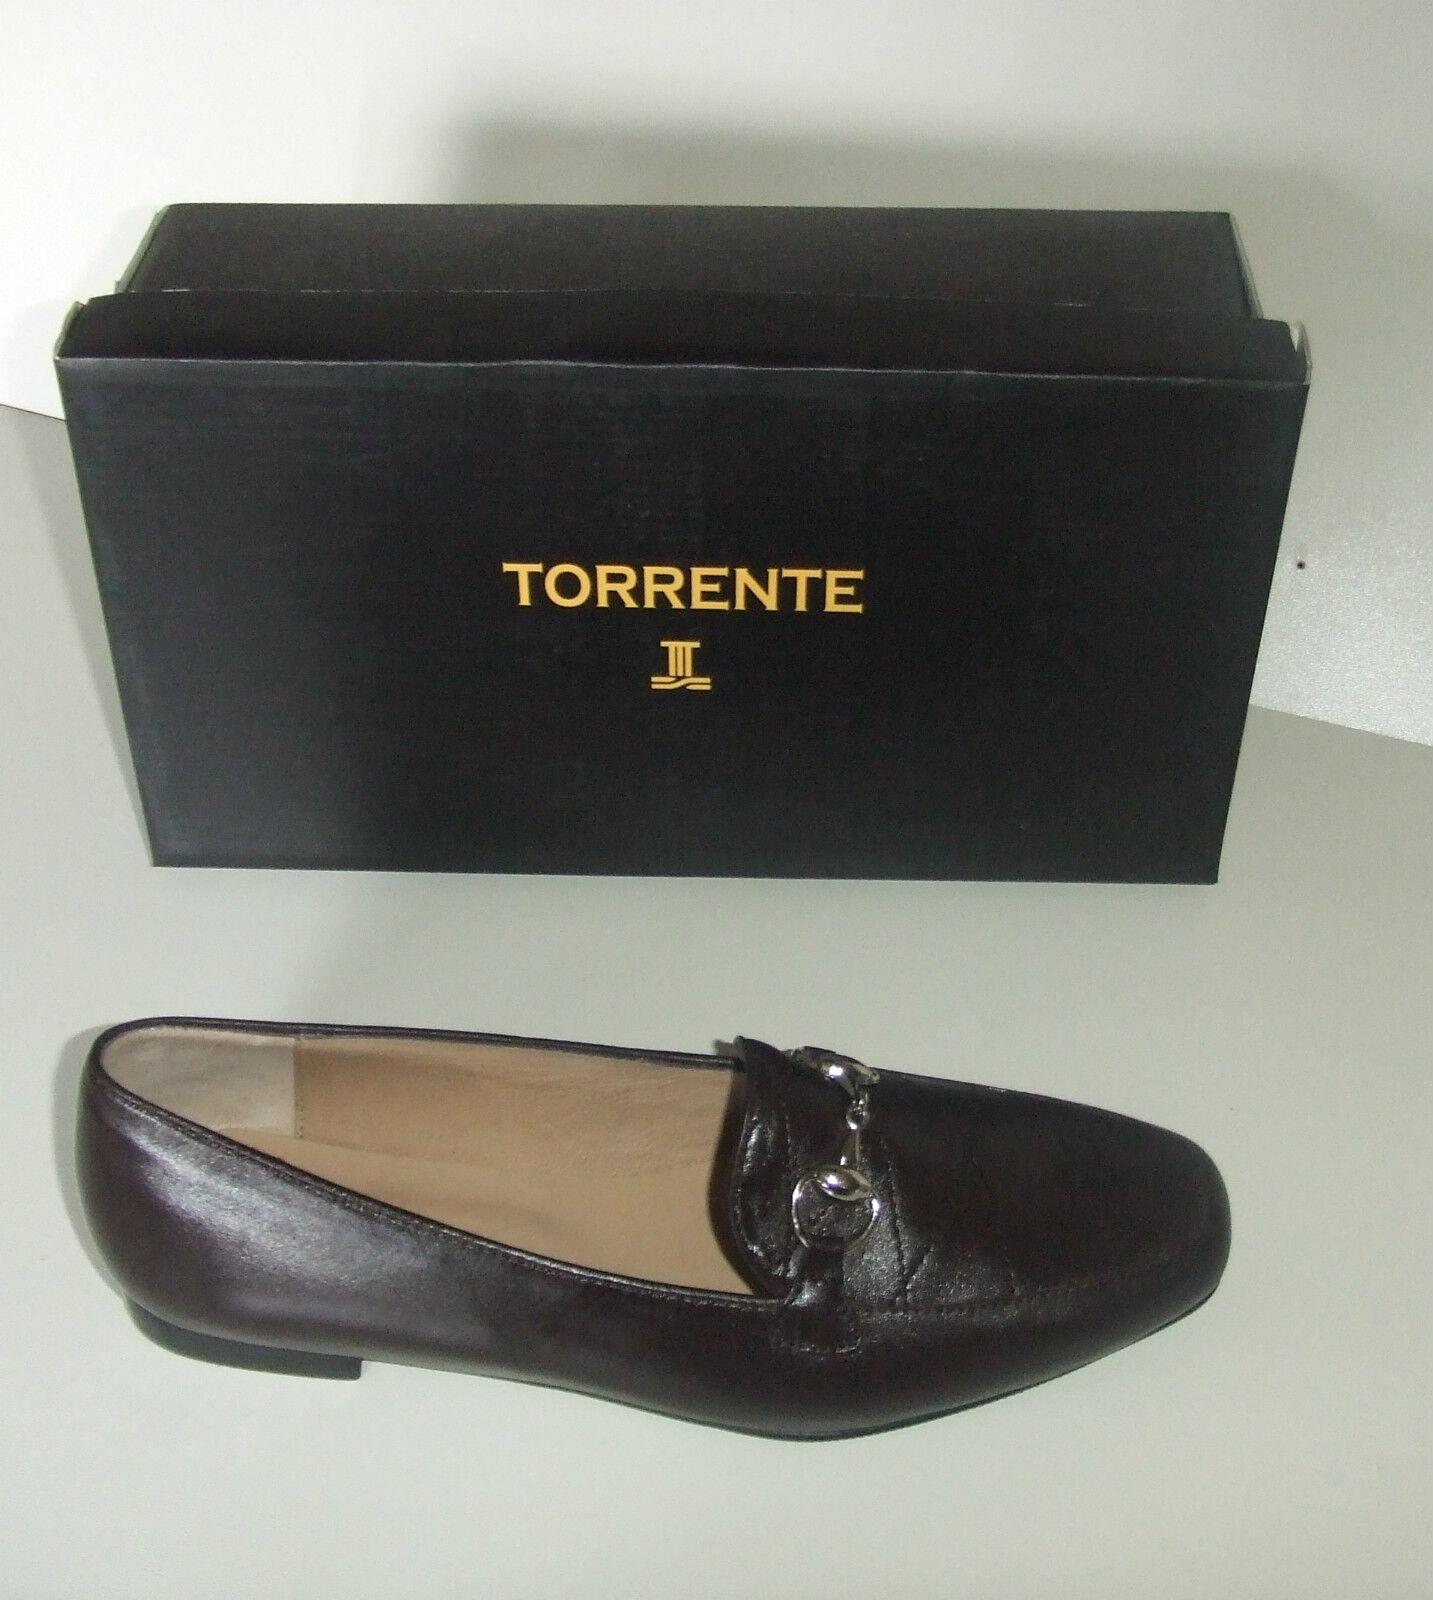 TORRENTE shoes PLATES EN CUIR POINTURE 40 brown